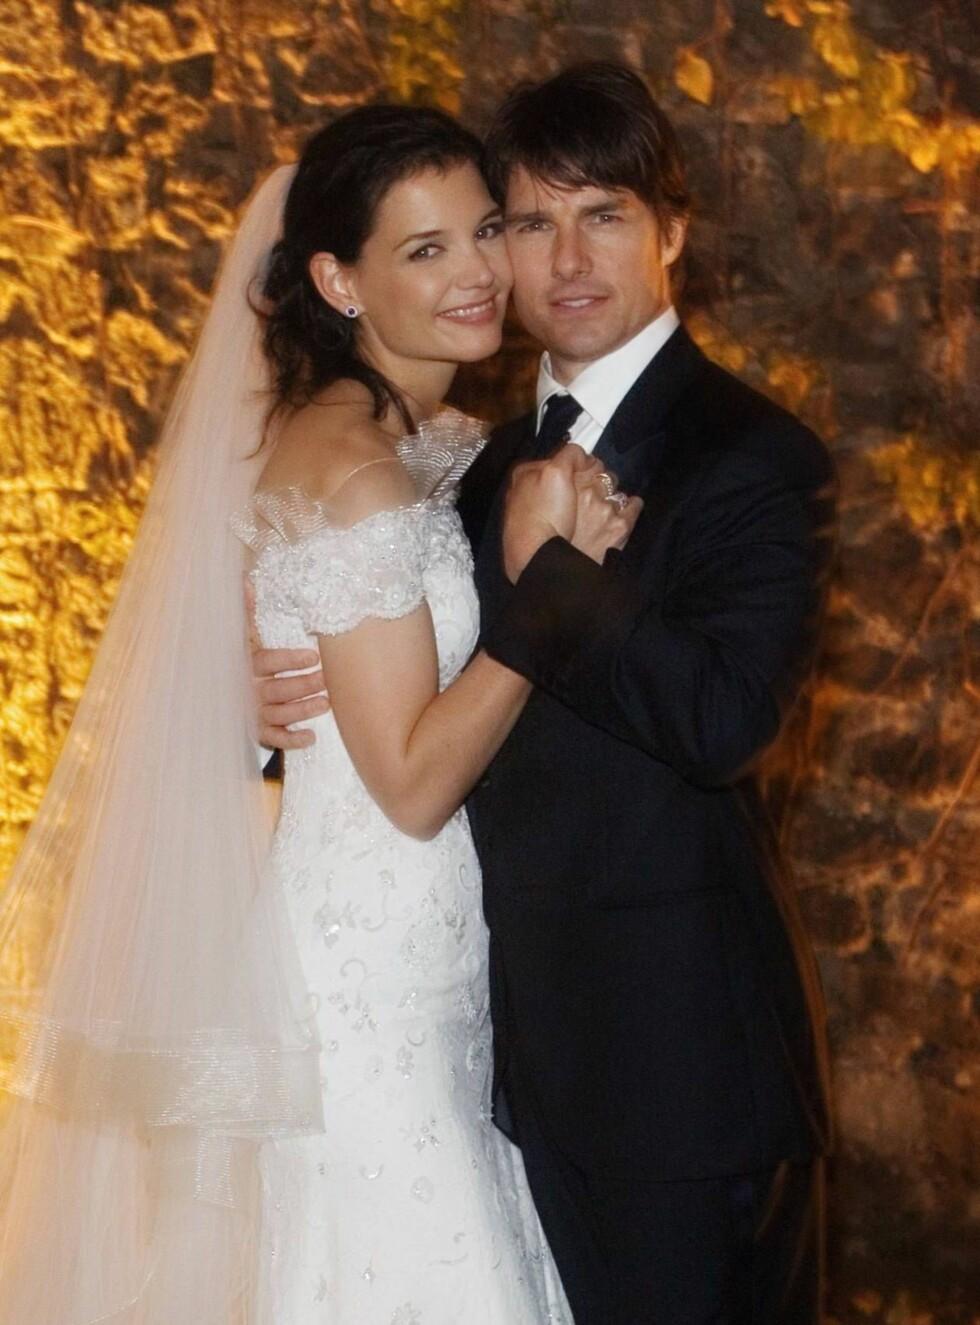 ENDELIG GIFT: Det ble et vakkert bryllup for TomKat i slottet Odescalchi i Italia for to uker siden. Foto: All Over Press